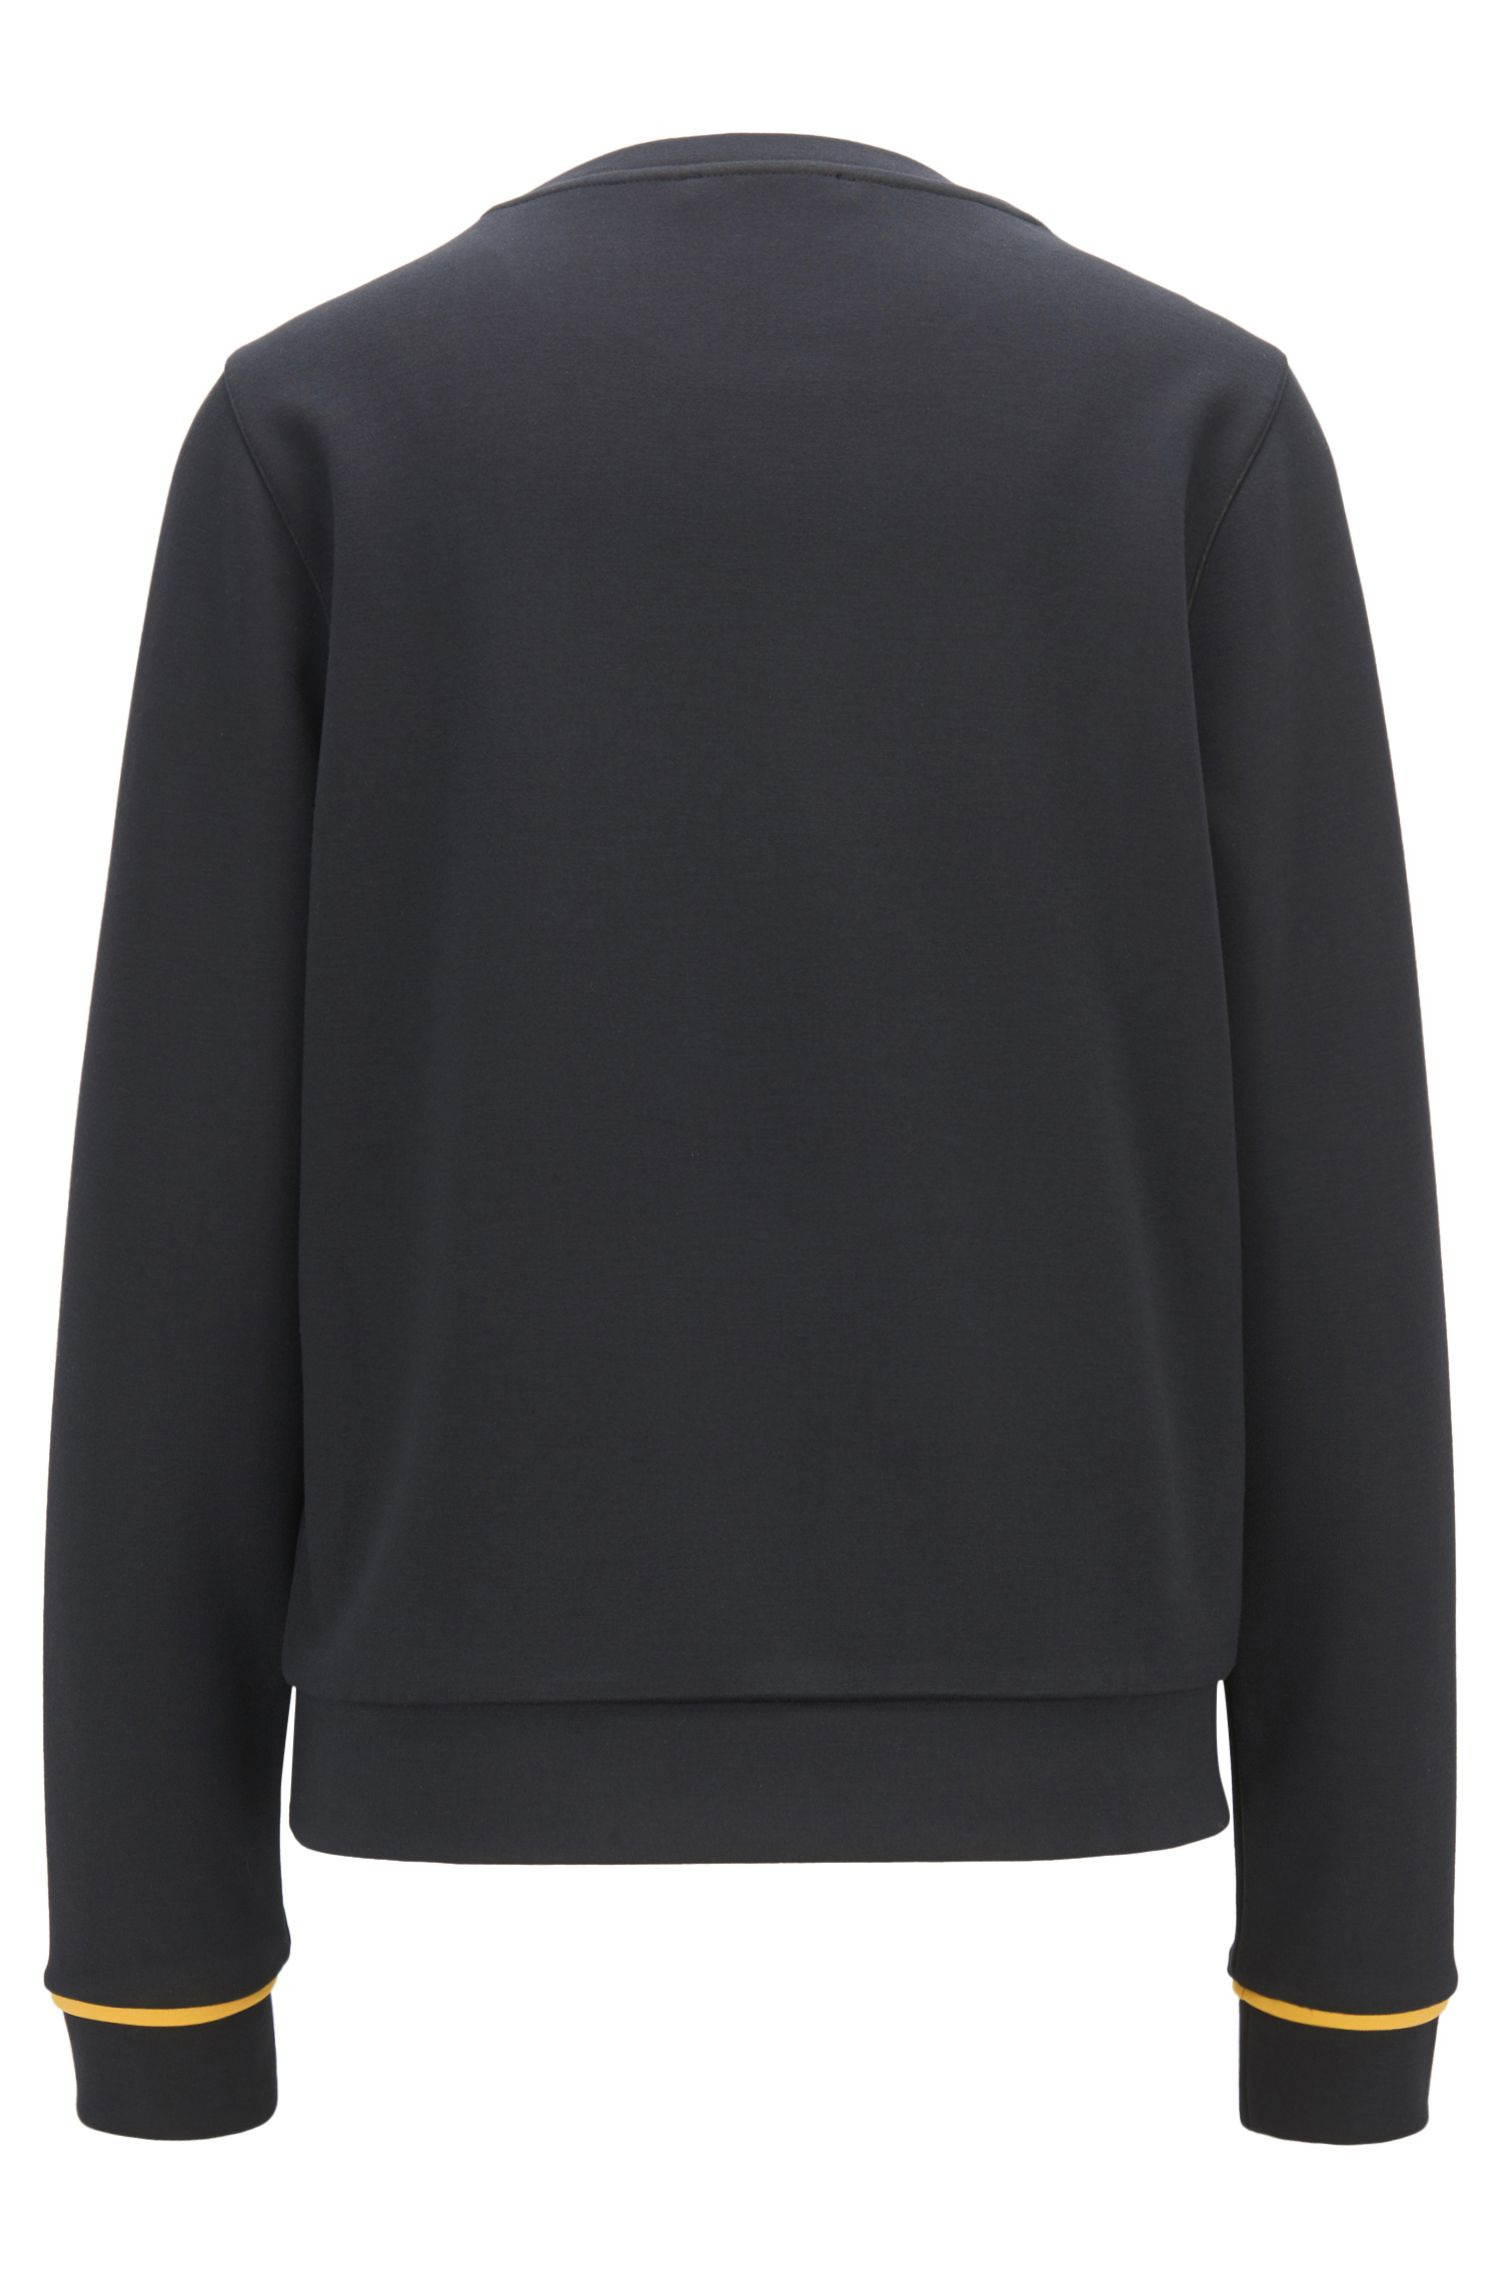 Pullover aus elastischem Neopren mit Logo, Dunkelblau